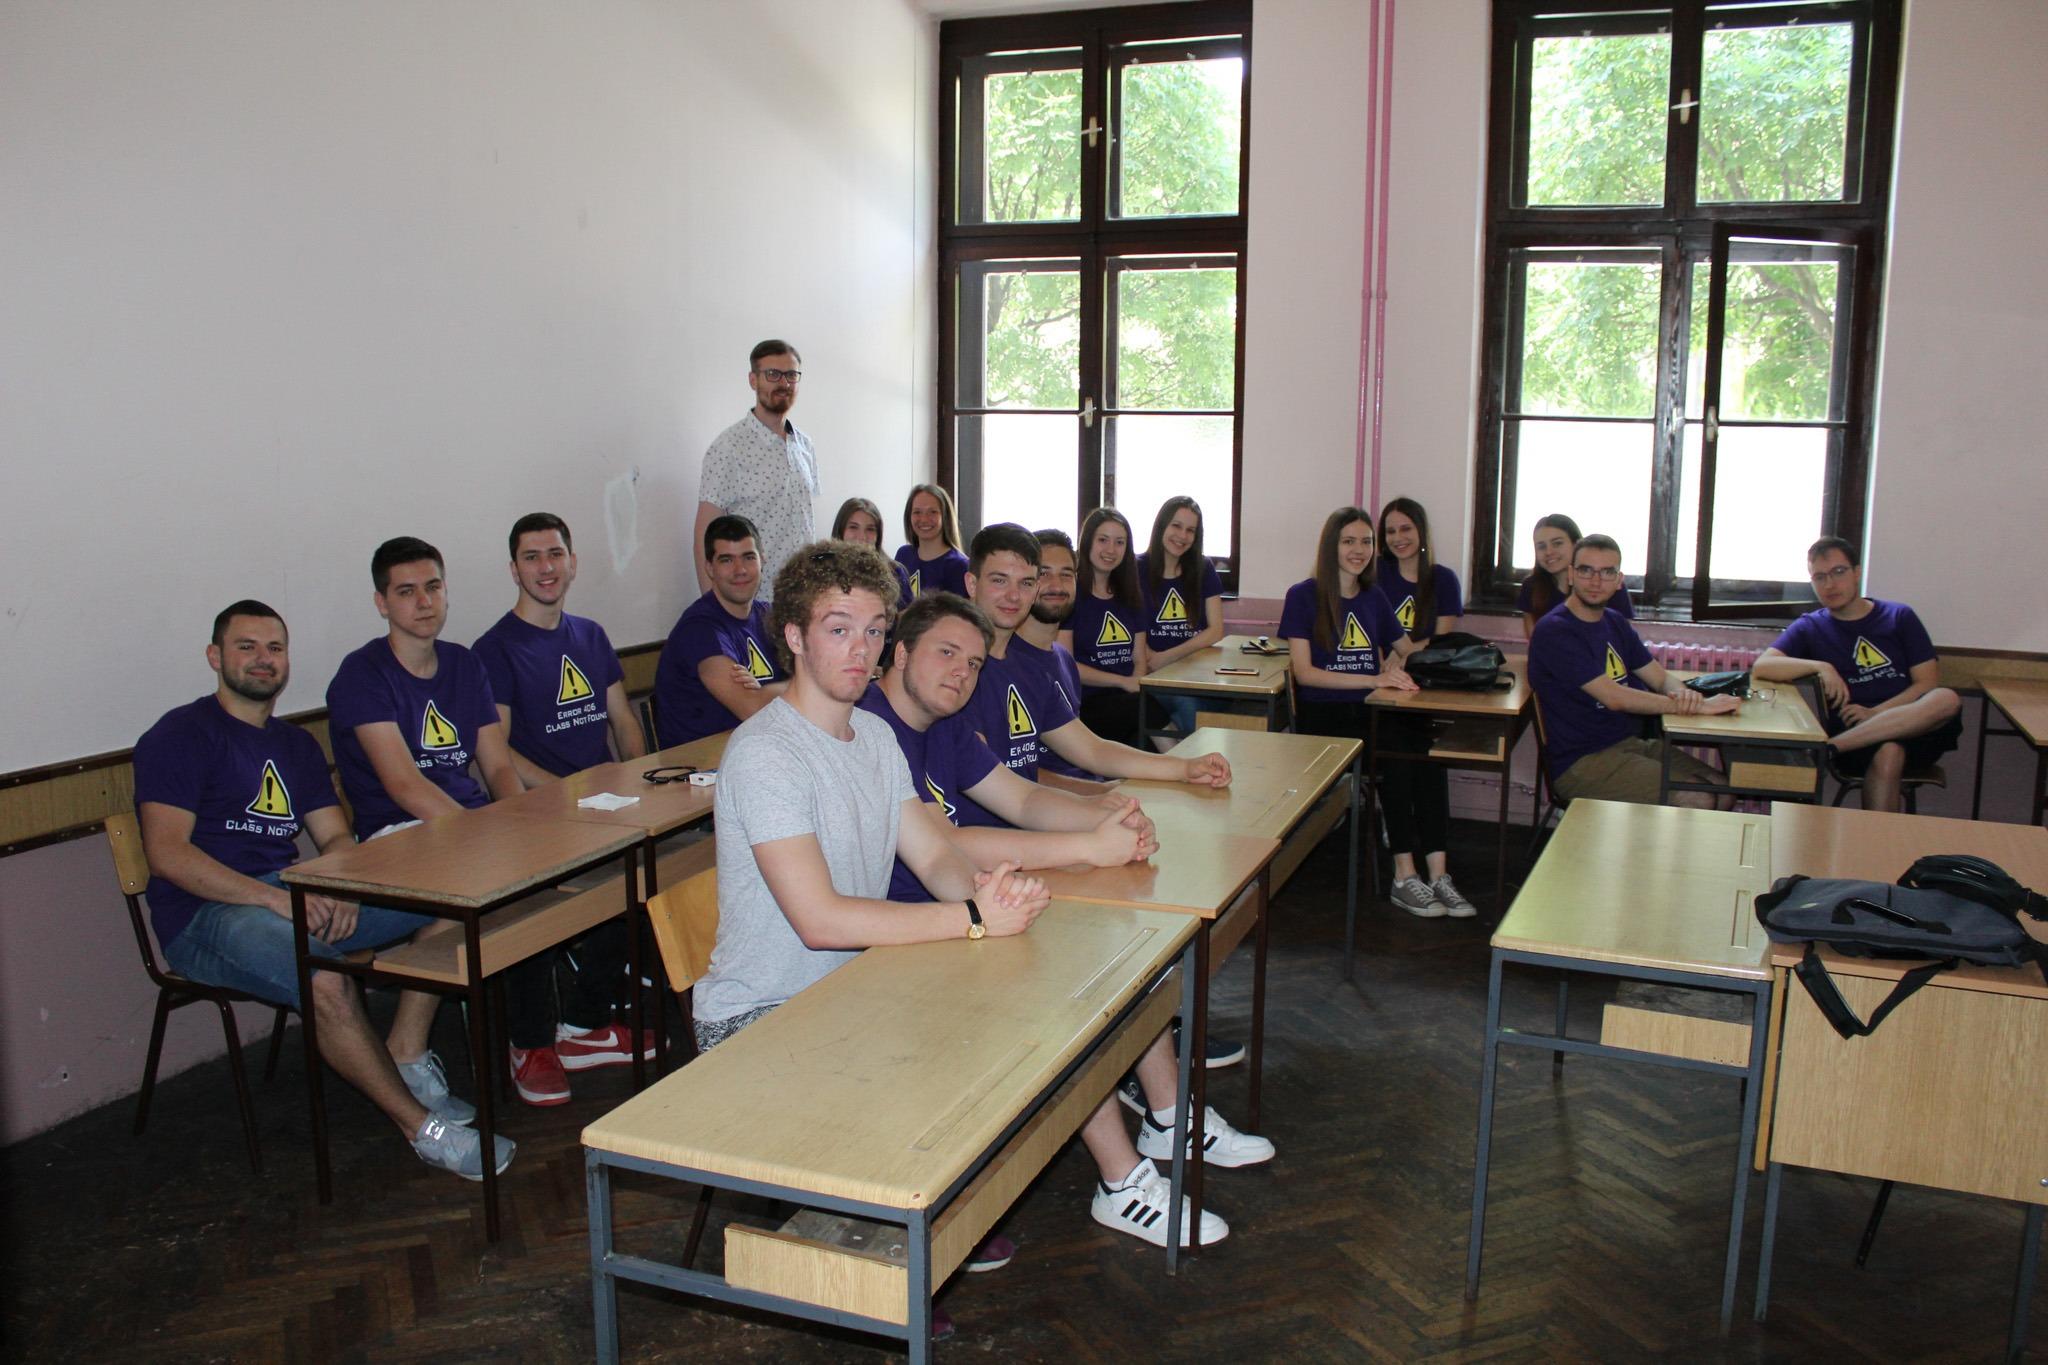 Učionica broj 14, mesto gde se nalaze genijalci